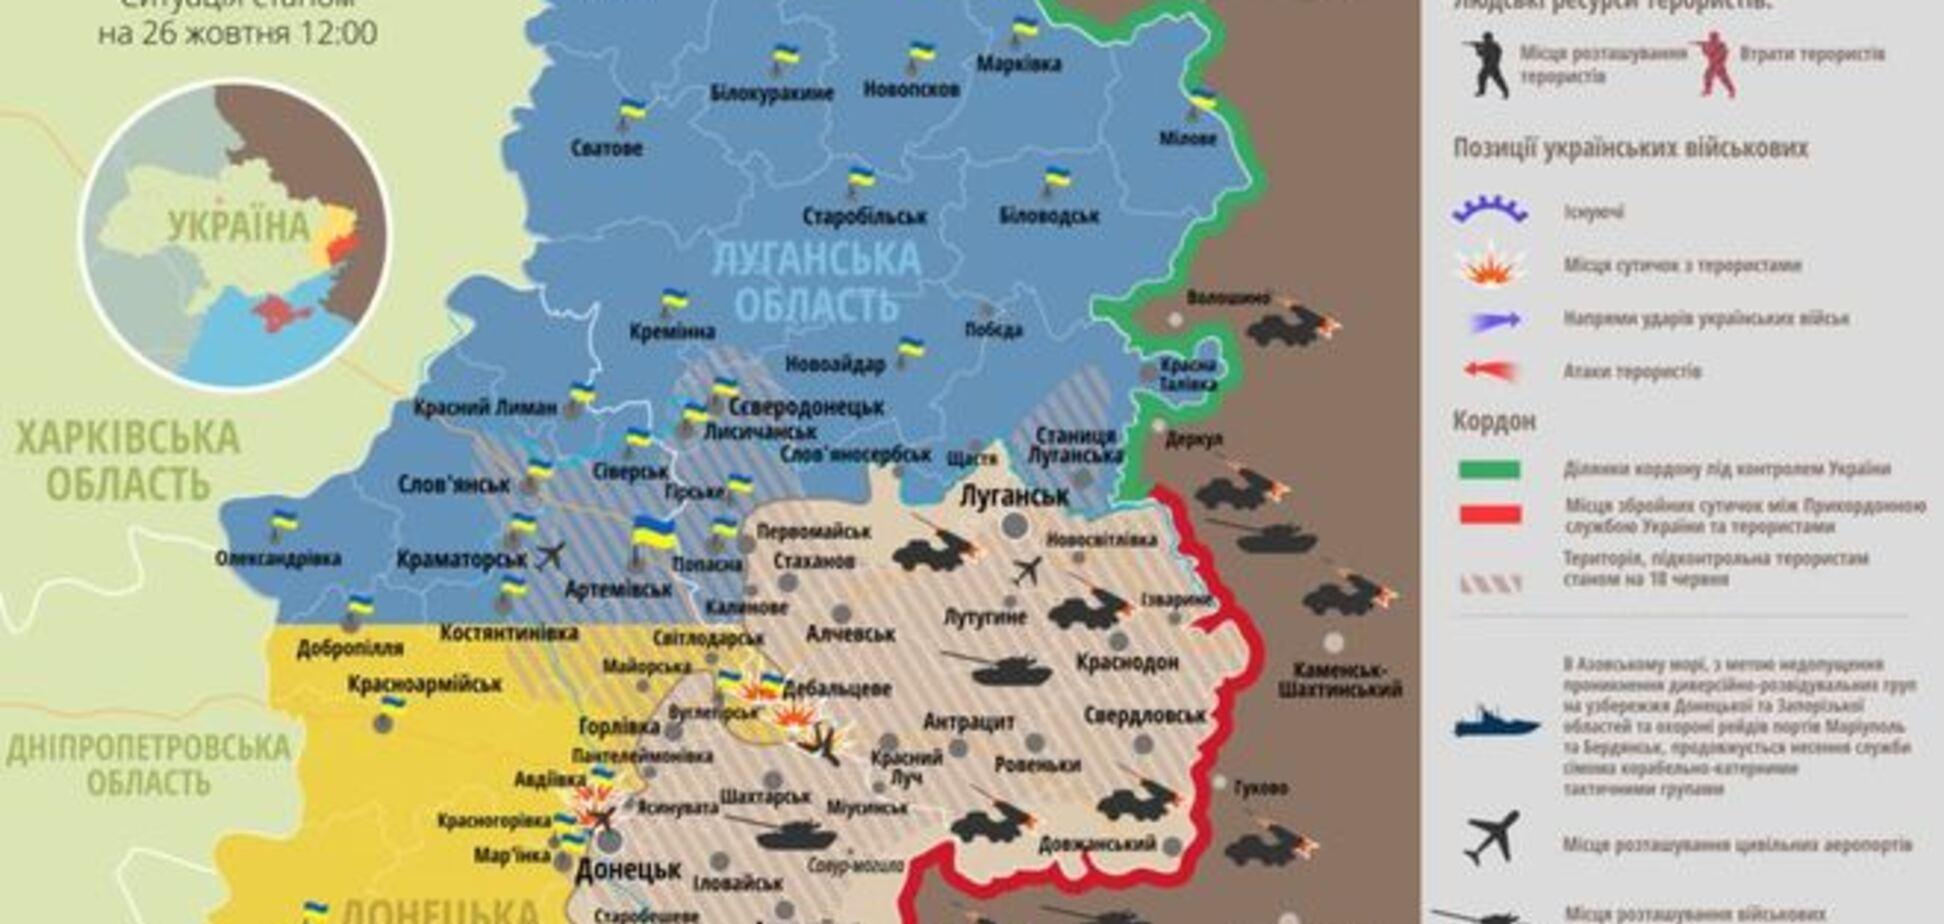 Активность террористов снизилась, ранены трое украинских военных: карта АТО